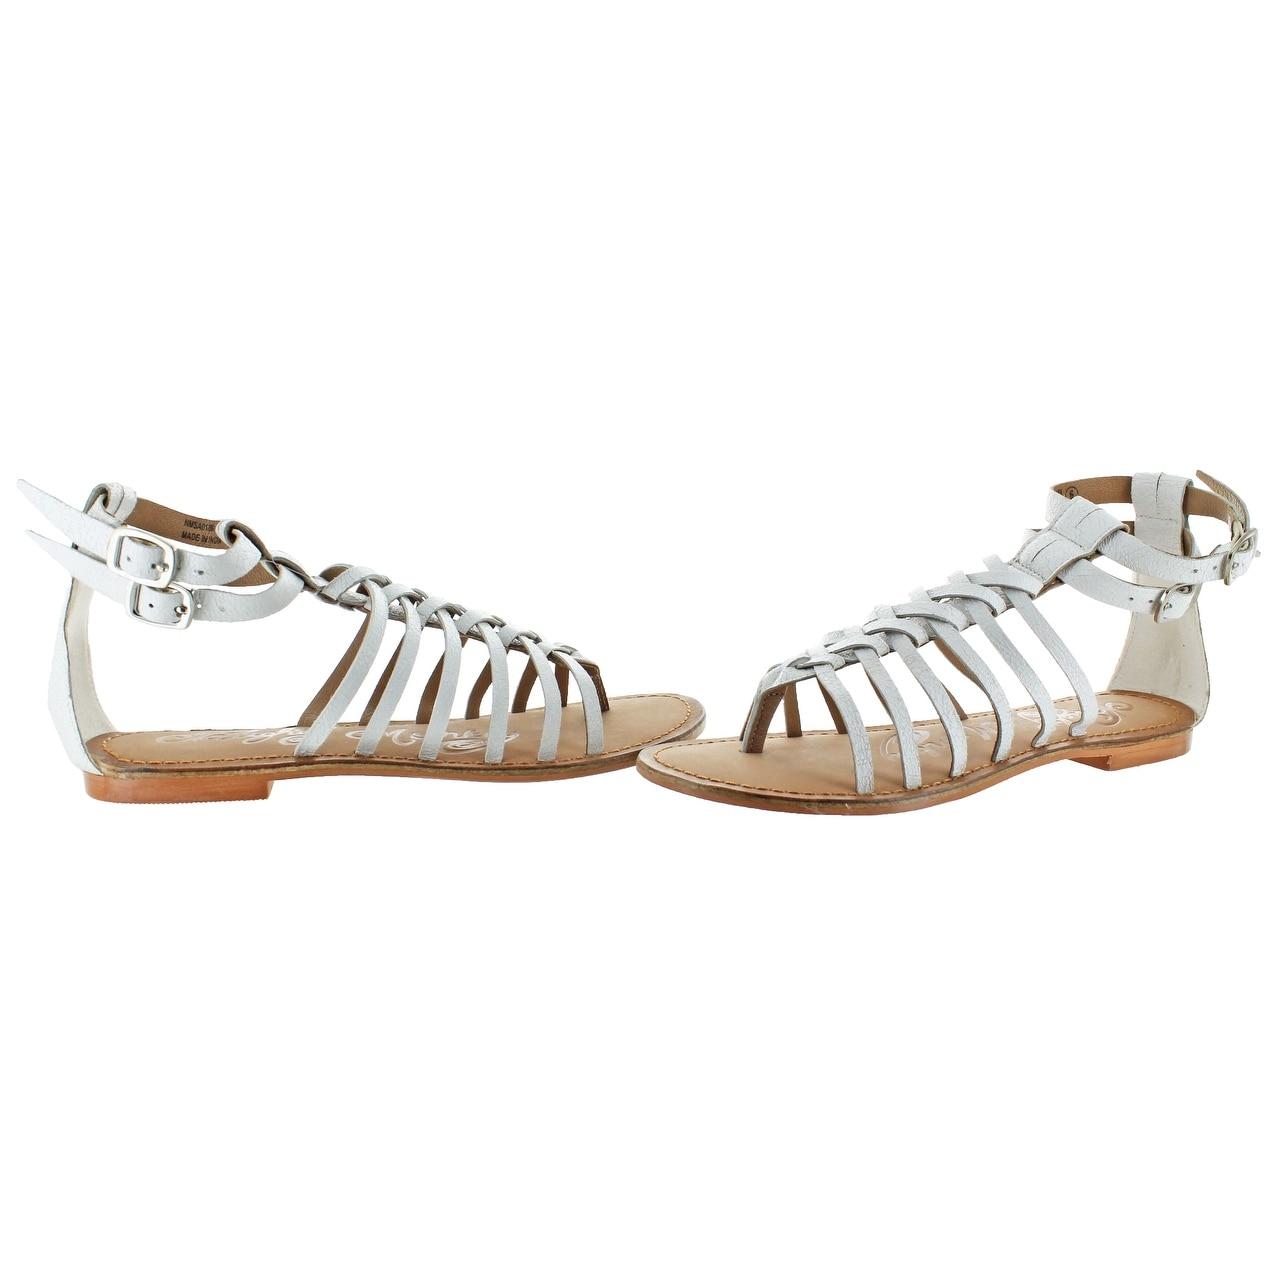 e618339fede Shop Naughty Monkey Boardwalk Women s Gladiator Sandals - Free ...